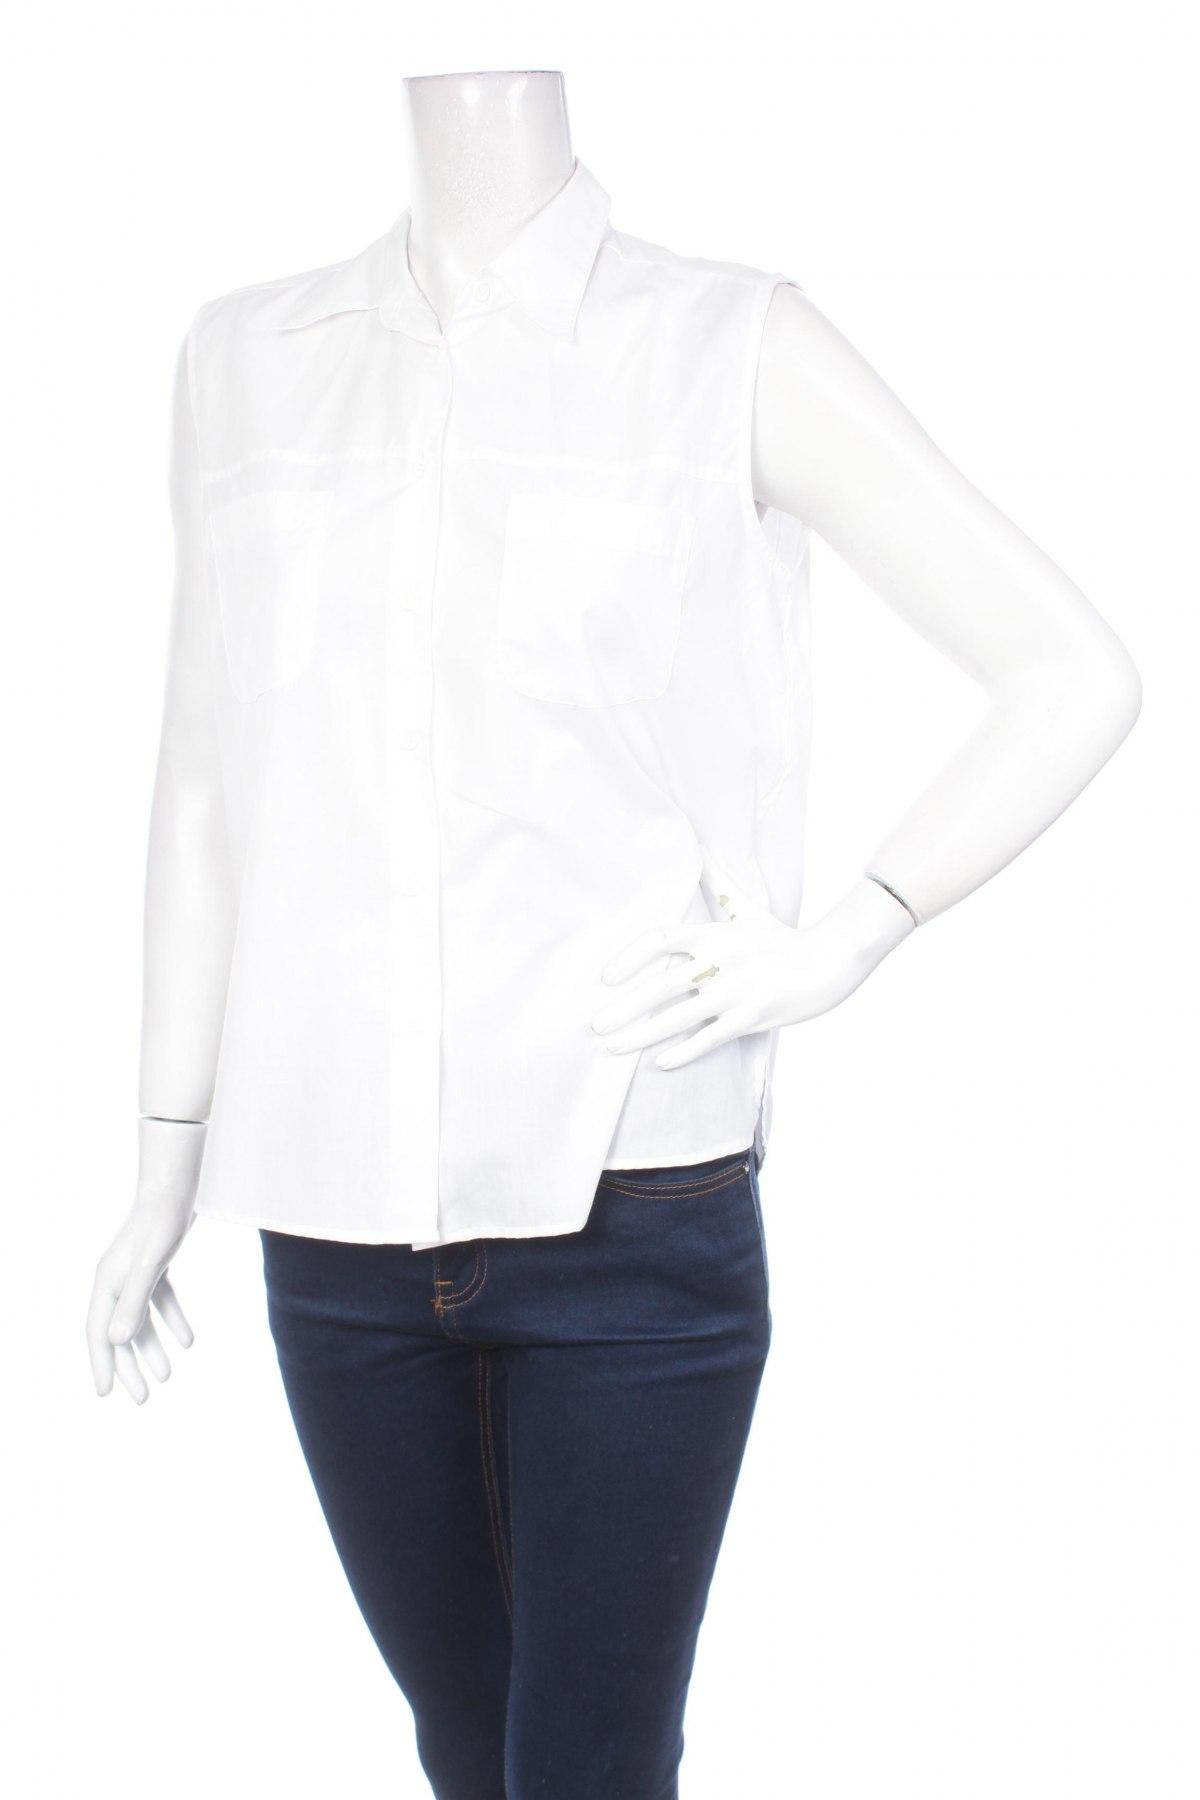 Γυναικείο πουκάμισο Identic